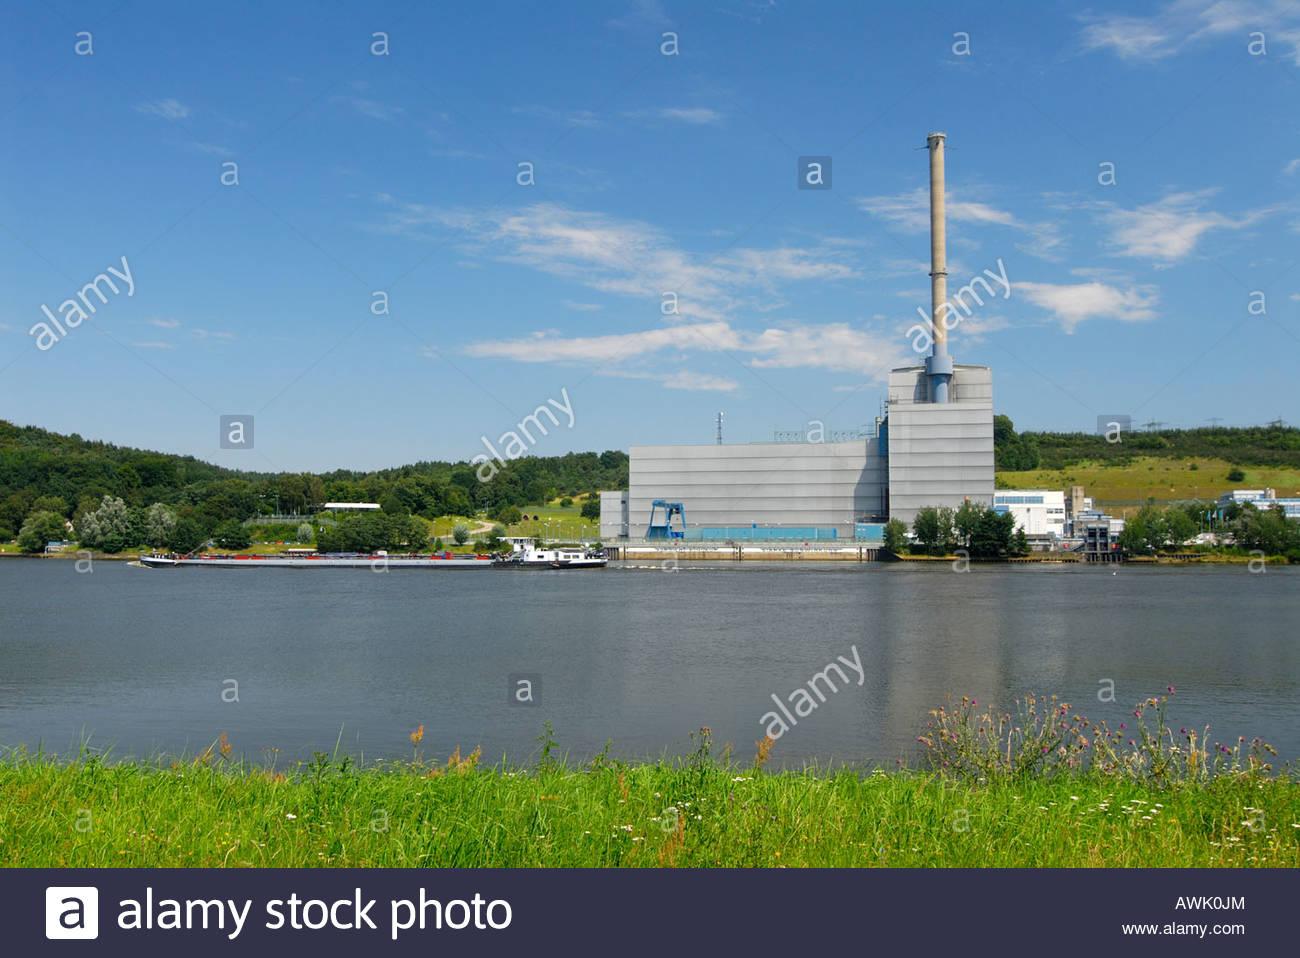 AKW AKWs Kernkraftwerk Kernkraftwerke Atomkraftwerk Atomkraftwerke Atomenergie KKW KKWs Krümmel Schleswig Holstein - Stock Image